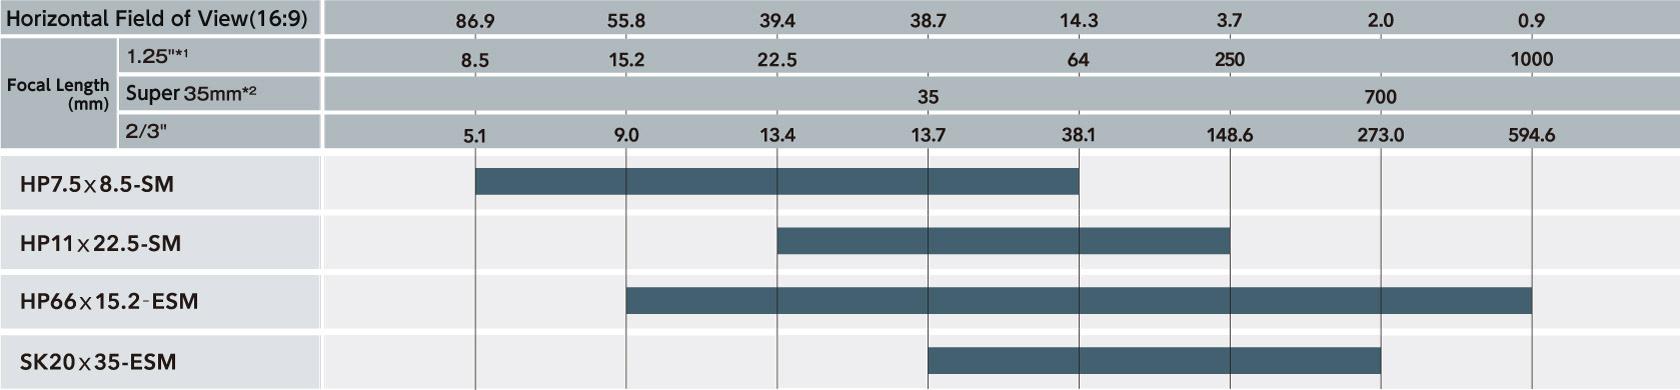 Wykres porównujący poziome pole widzenia (16:9) i długość ogniskowej (mm) według numeru modelu